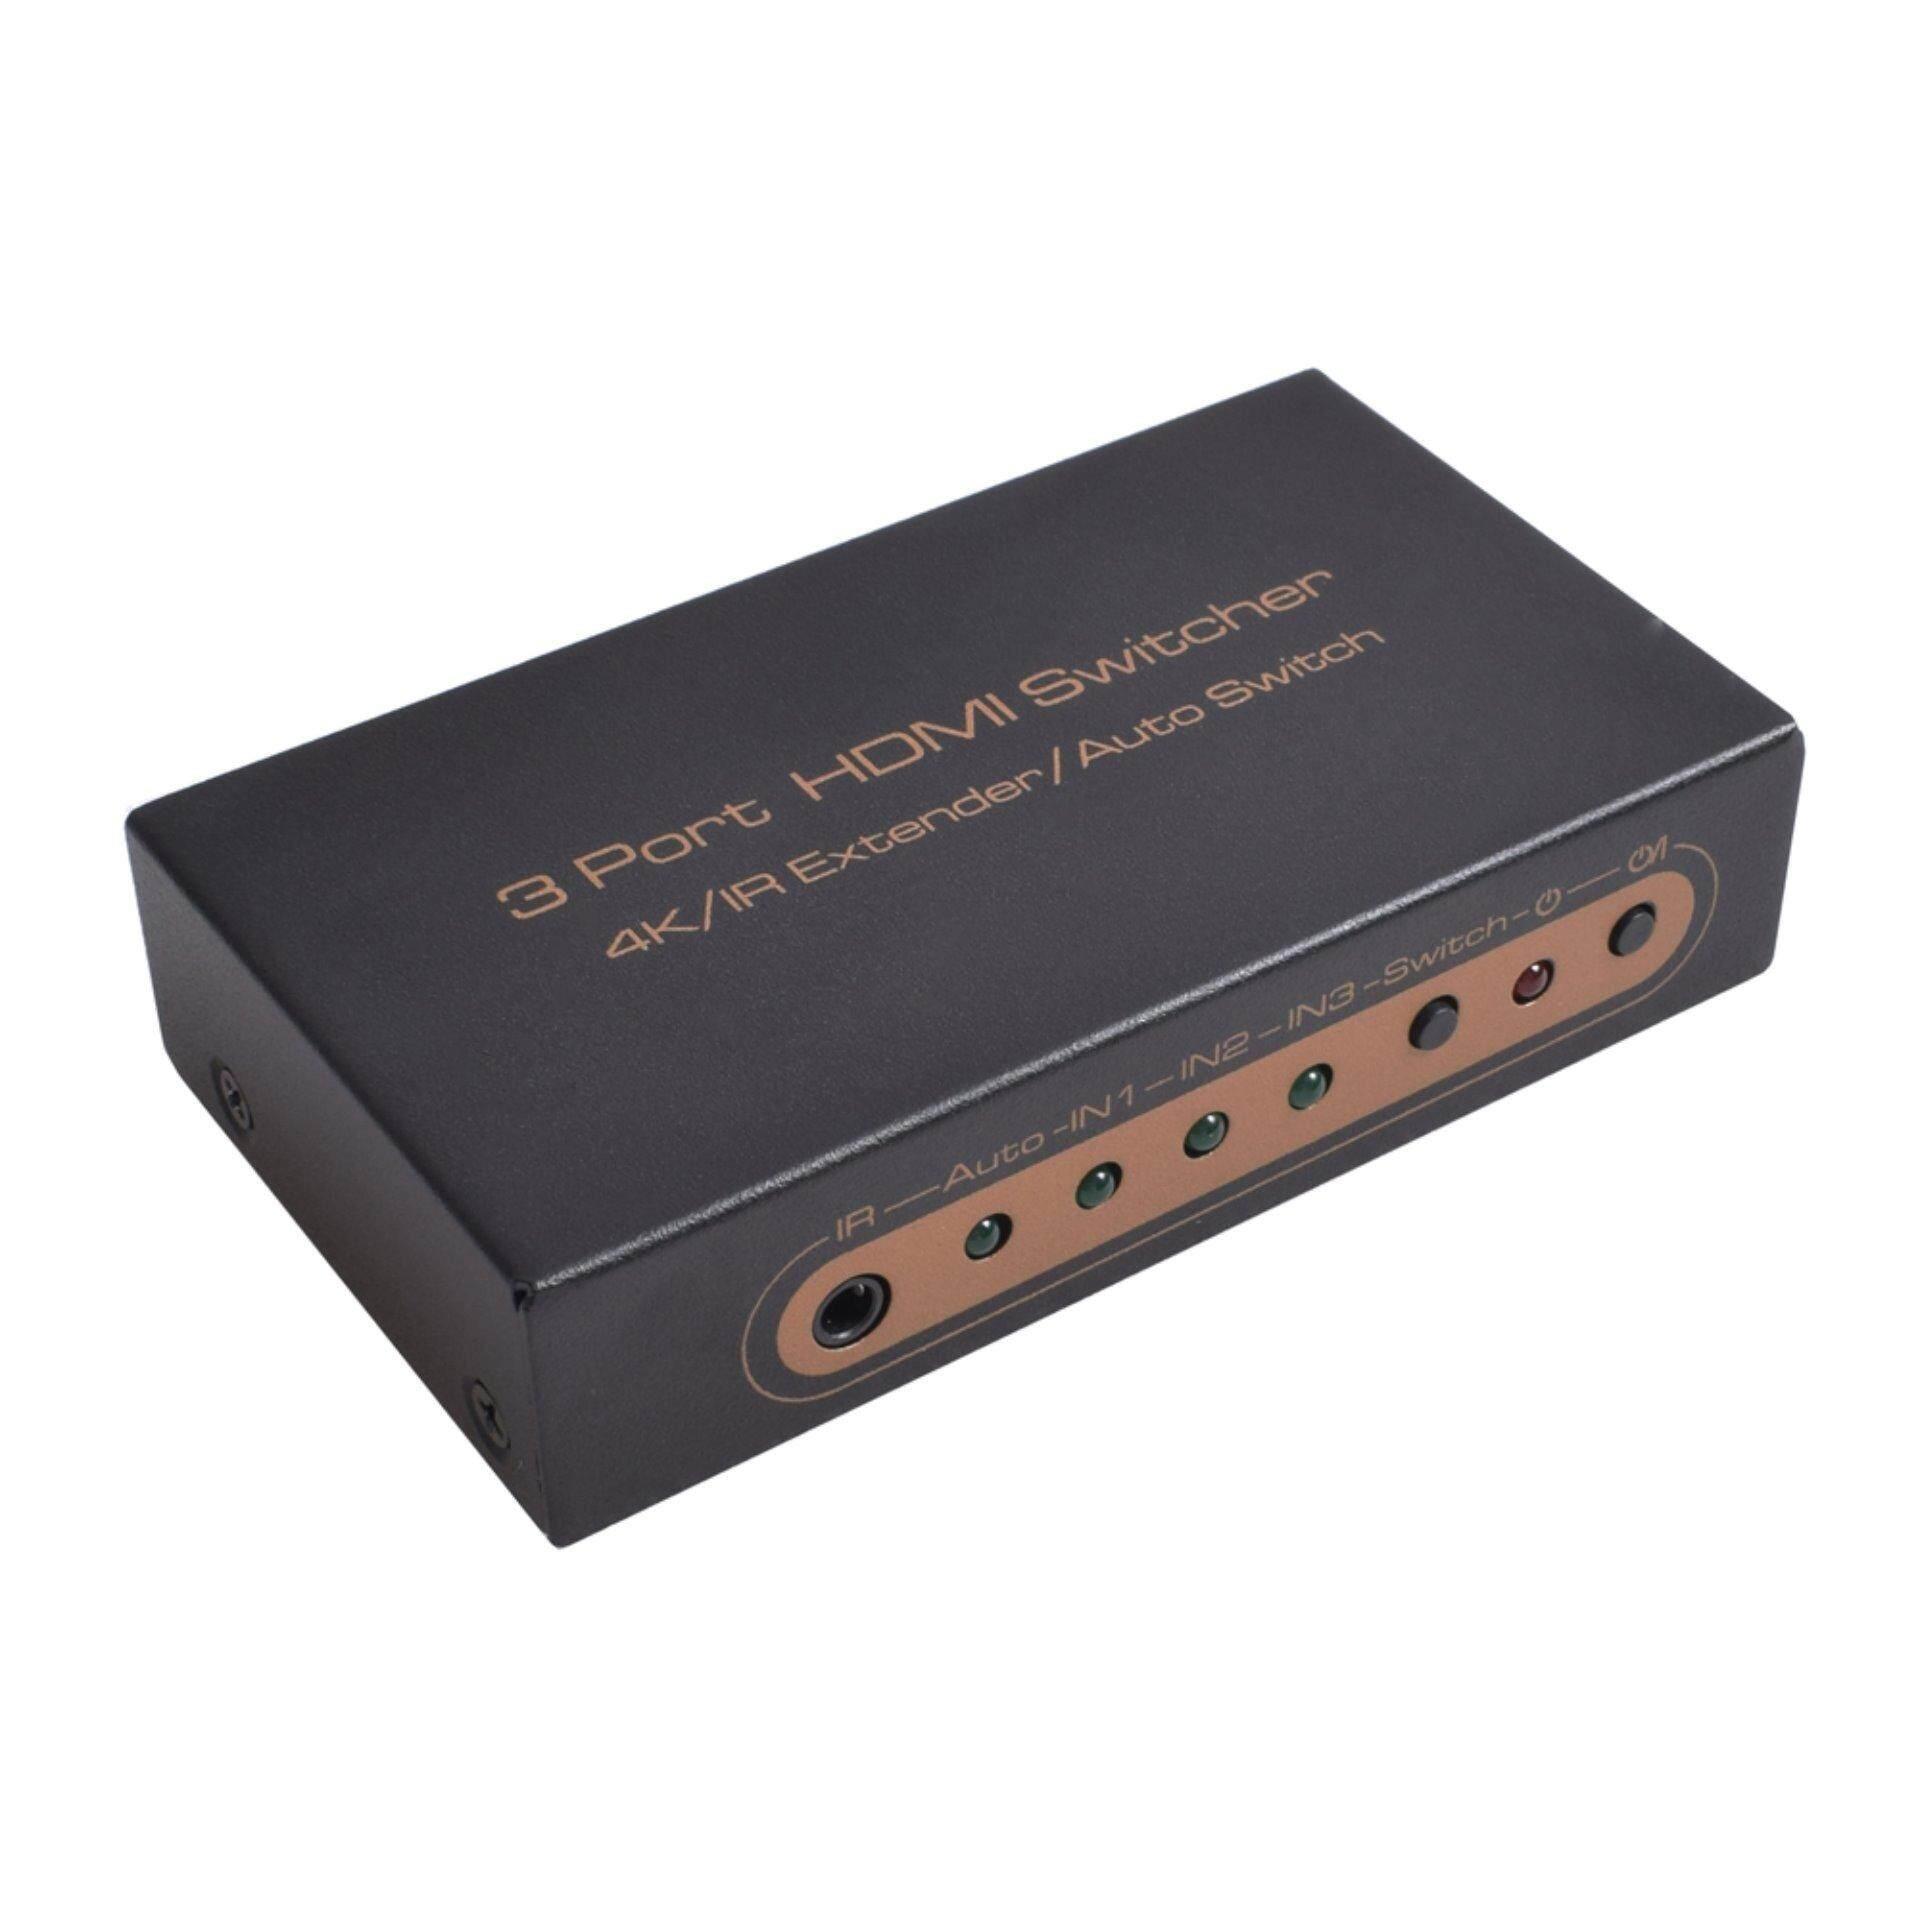 SAROWIN HDSW0013M2 HDMI 3x1 Switcher with IR Eye (v1.4)